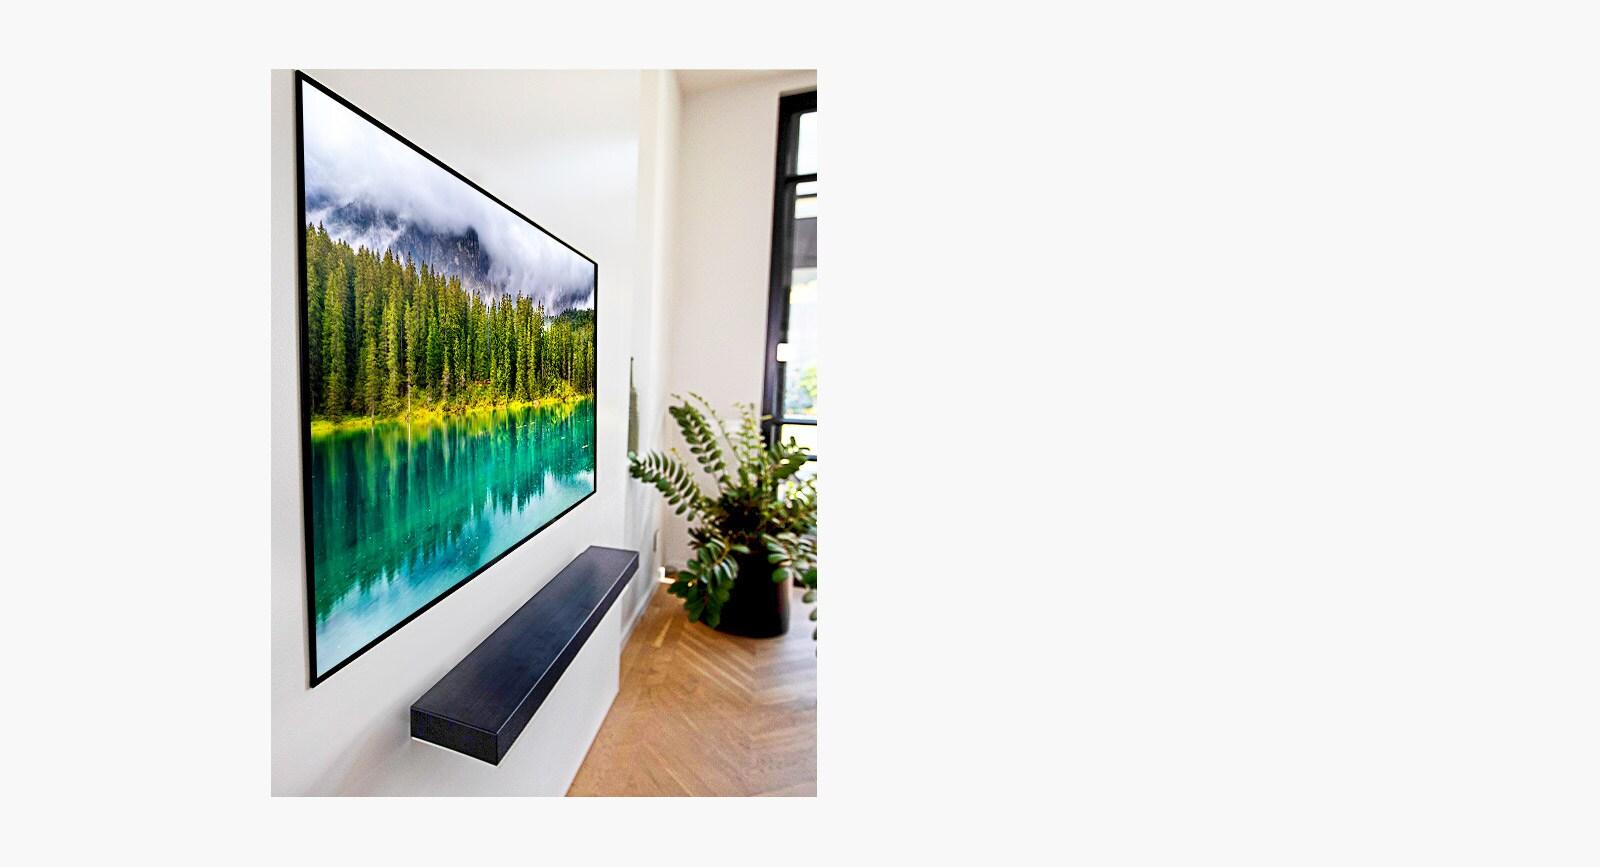 Mírně naklopený televizor vobývacím pokoji zobrazující přírodu